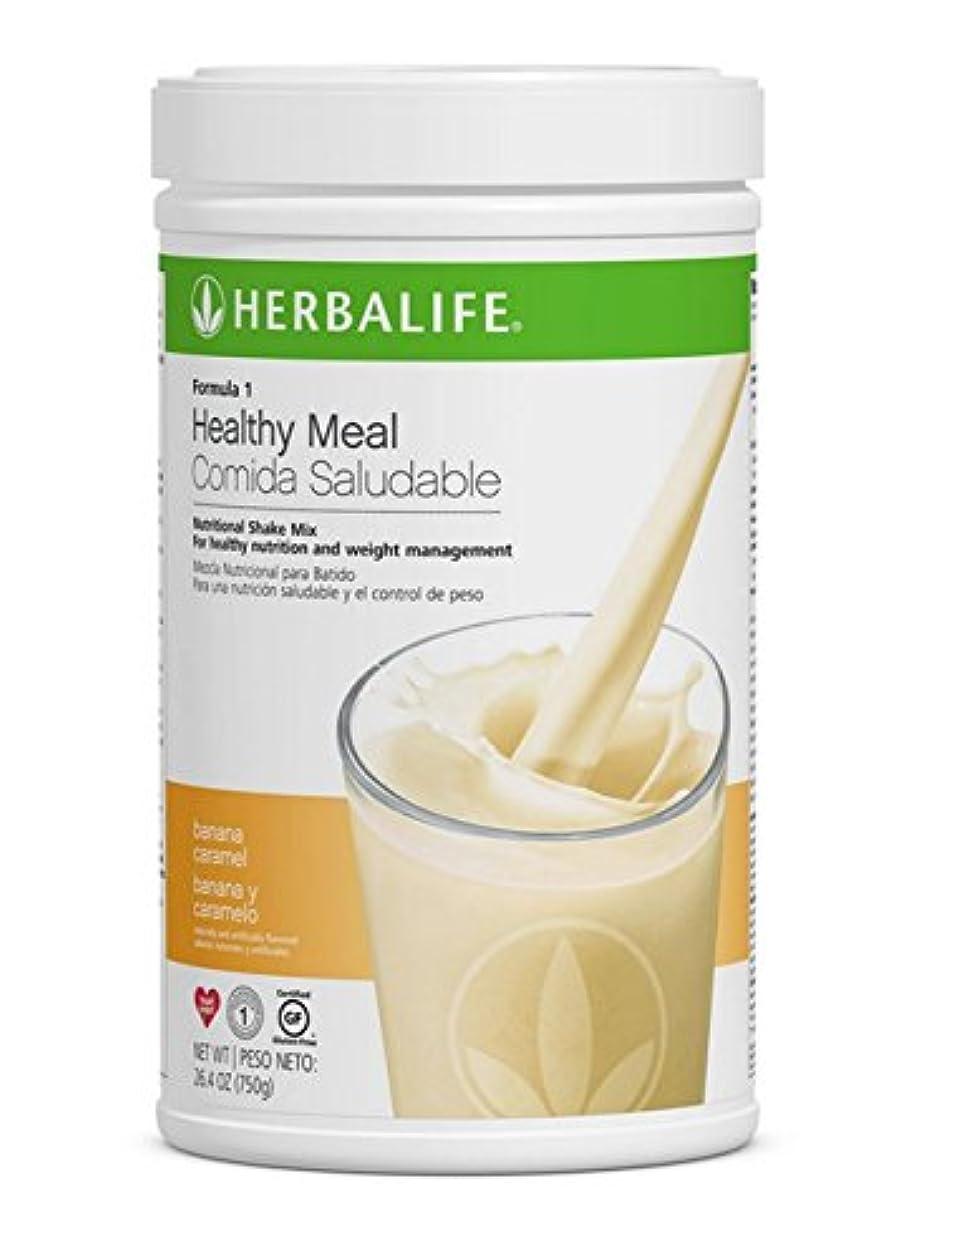 虚栄心測定可能溶けるHerbalife  フォーミュラ1ヘルシーミール栄養シェークミックス(バナナキャラメル、750g)